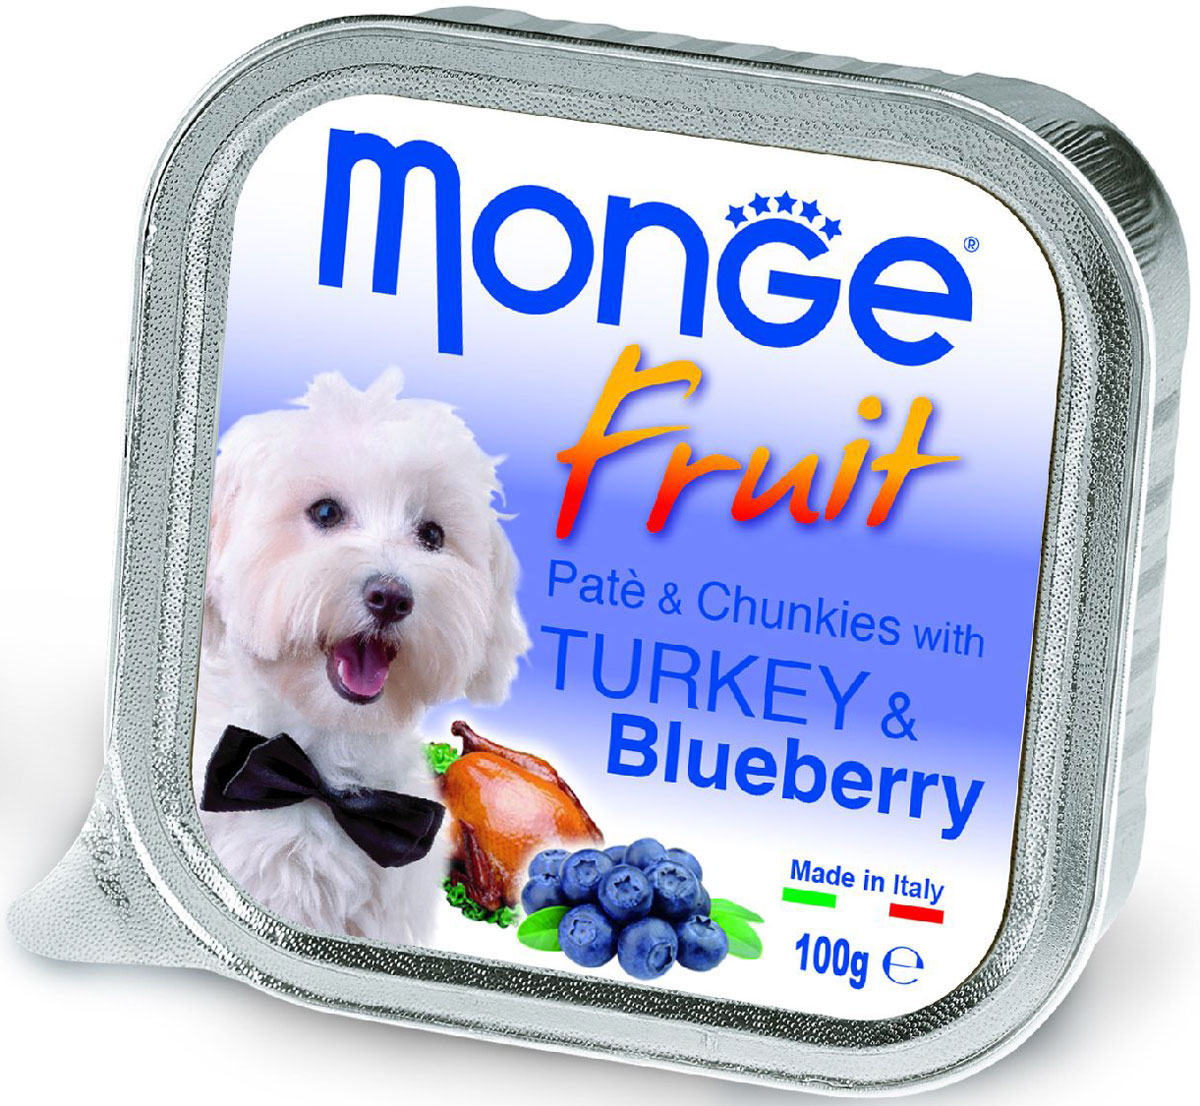 Консервы Monge Dog Fruit, для собак, с индейкой и черникой, 100 г0120710Monge Dog Fruit консервы для собак, индейка с черникой, 100 г. Полнорационный корм для собак. Паштет с индейкой и черникой.Рекомендации по кормлению: для собак средних пород минимум 400 граммов продукта в день. Подавать корм комнатной температуры. Убедитесь, что у собаки есть доступ к свежей чистой воде.Хранить при комнатной температуре, после вскрытия - в холодильнике.Гарантированный анализ: сырой белок 8,5%, сырые масла и жиры 7%, сырая зола 2,2%, сырая клетчатка 0,5%. Влажность 80%.Пищевые добавки/кг: витамин А 3000 МЕ, витамин D3 400 МЕ, витамин Е 15 мг. Ингредиенты: свежее мясо 80% (из которого мяса индейки мин. 10%), черника 4%, минеральные вещества, витамины. Технологические добавки: загустители и желеобразующие компоненты. Пищевые добавки/кг: витамин А 3000 МЕ, витамин D3 400 МЕ, витамин Е 15 мг.Рекомендации по кормлению: продукт подавать комнатной температуры или подогретый. Важно, чтобы животное всегда имело доступ к чистой, свежей воде. Собакам мелких пород необходимо минимум 400 г продукта в день. Количество корма может варьироваться в зависимости от индивидуальных потребностей животного. Открытую упаковку хранить в холодильнике.